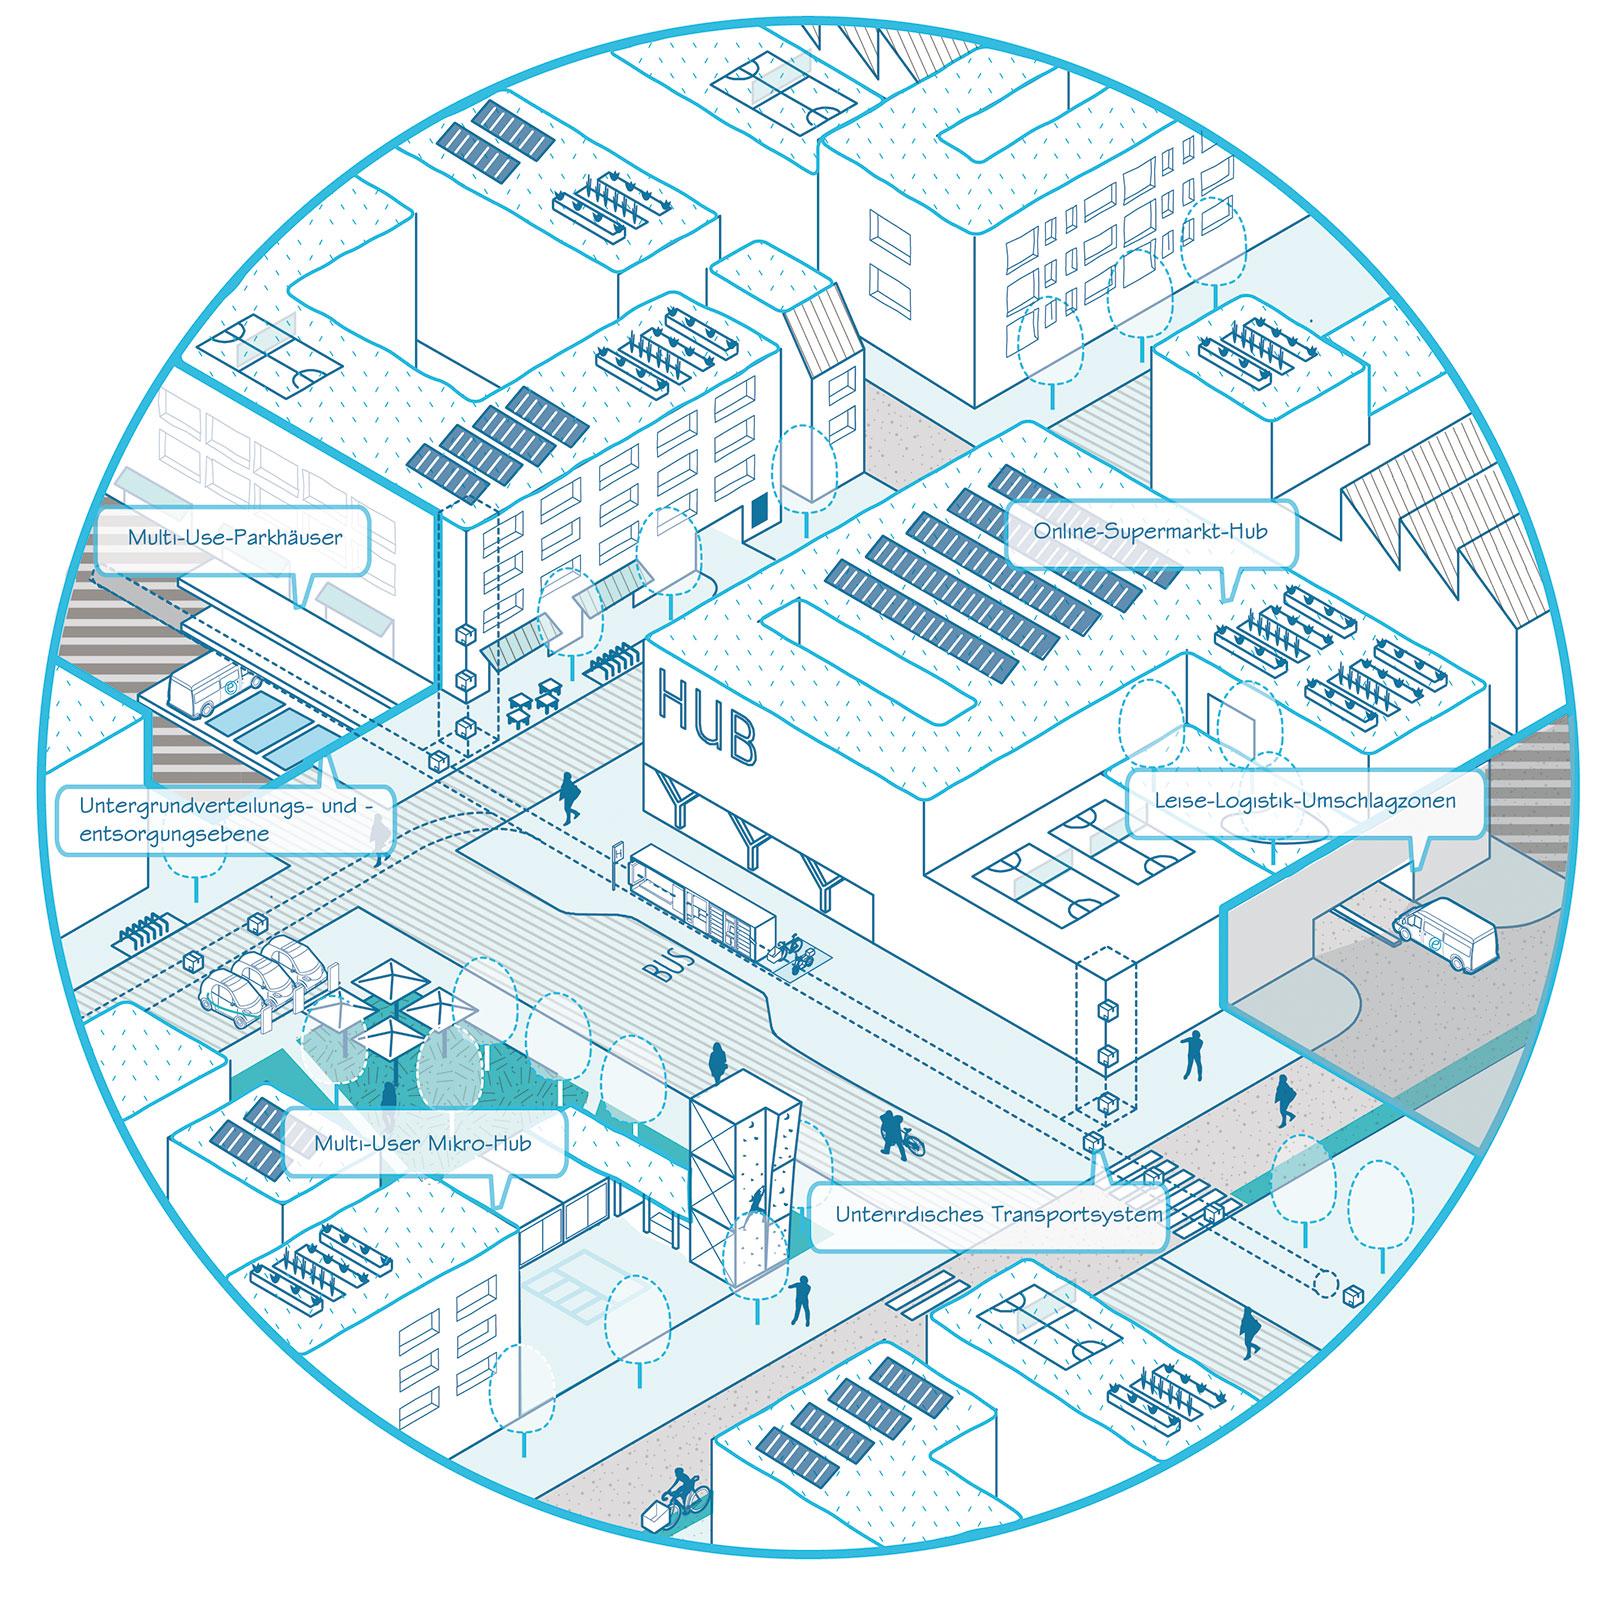 Urbane Logistikansätze in Quartiersrandlage. (Bild: IHK Region Stuttgart / Pesch Partner Architekten Stadtplaner GmbH)